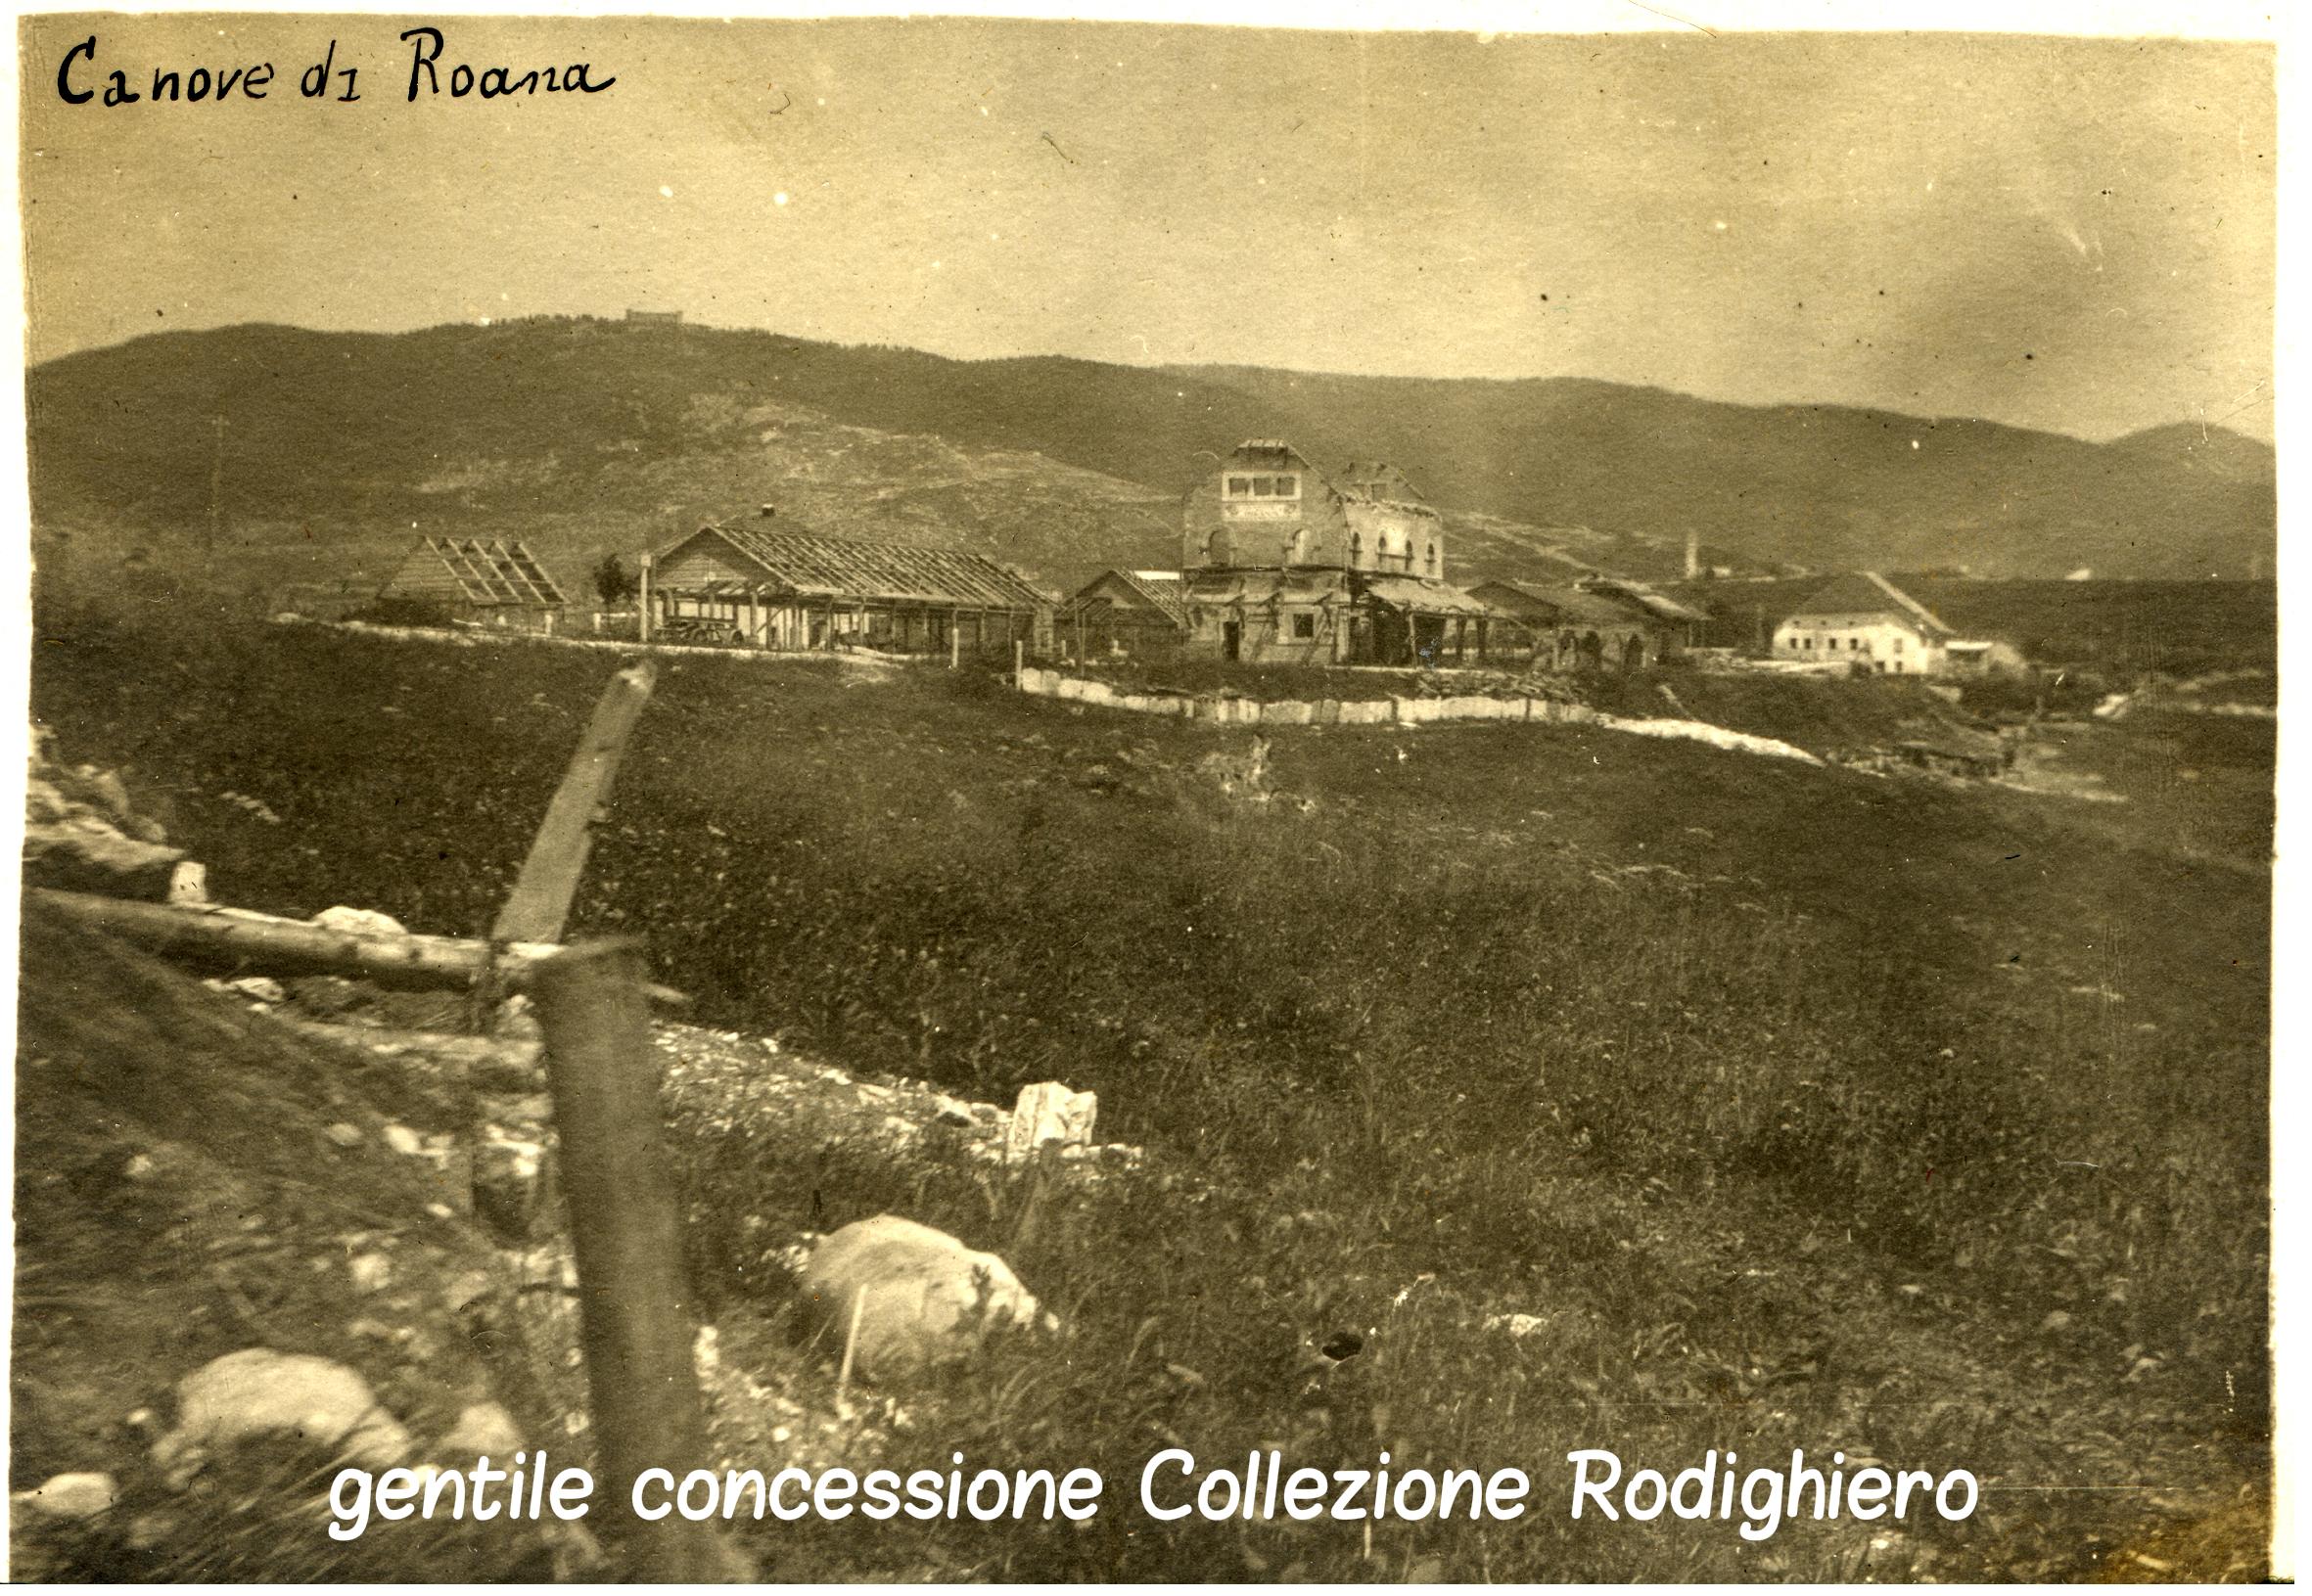 05 - rovine di Canove - (ASDM - coll rodgihiero) (c).jpg